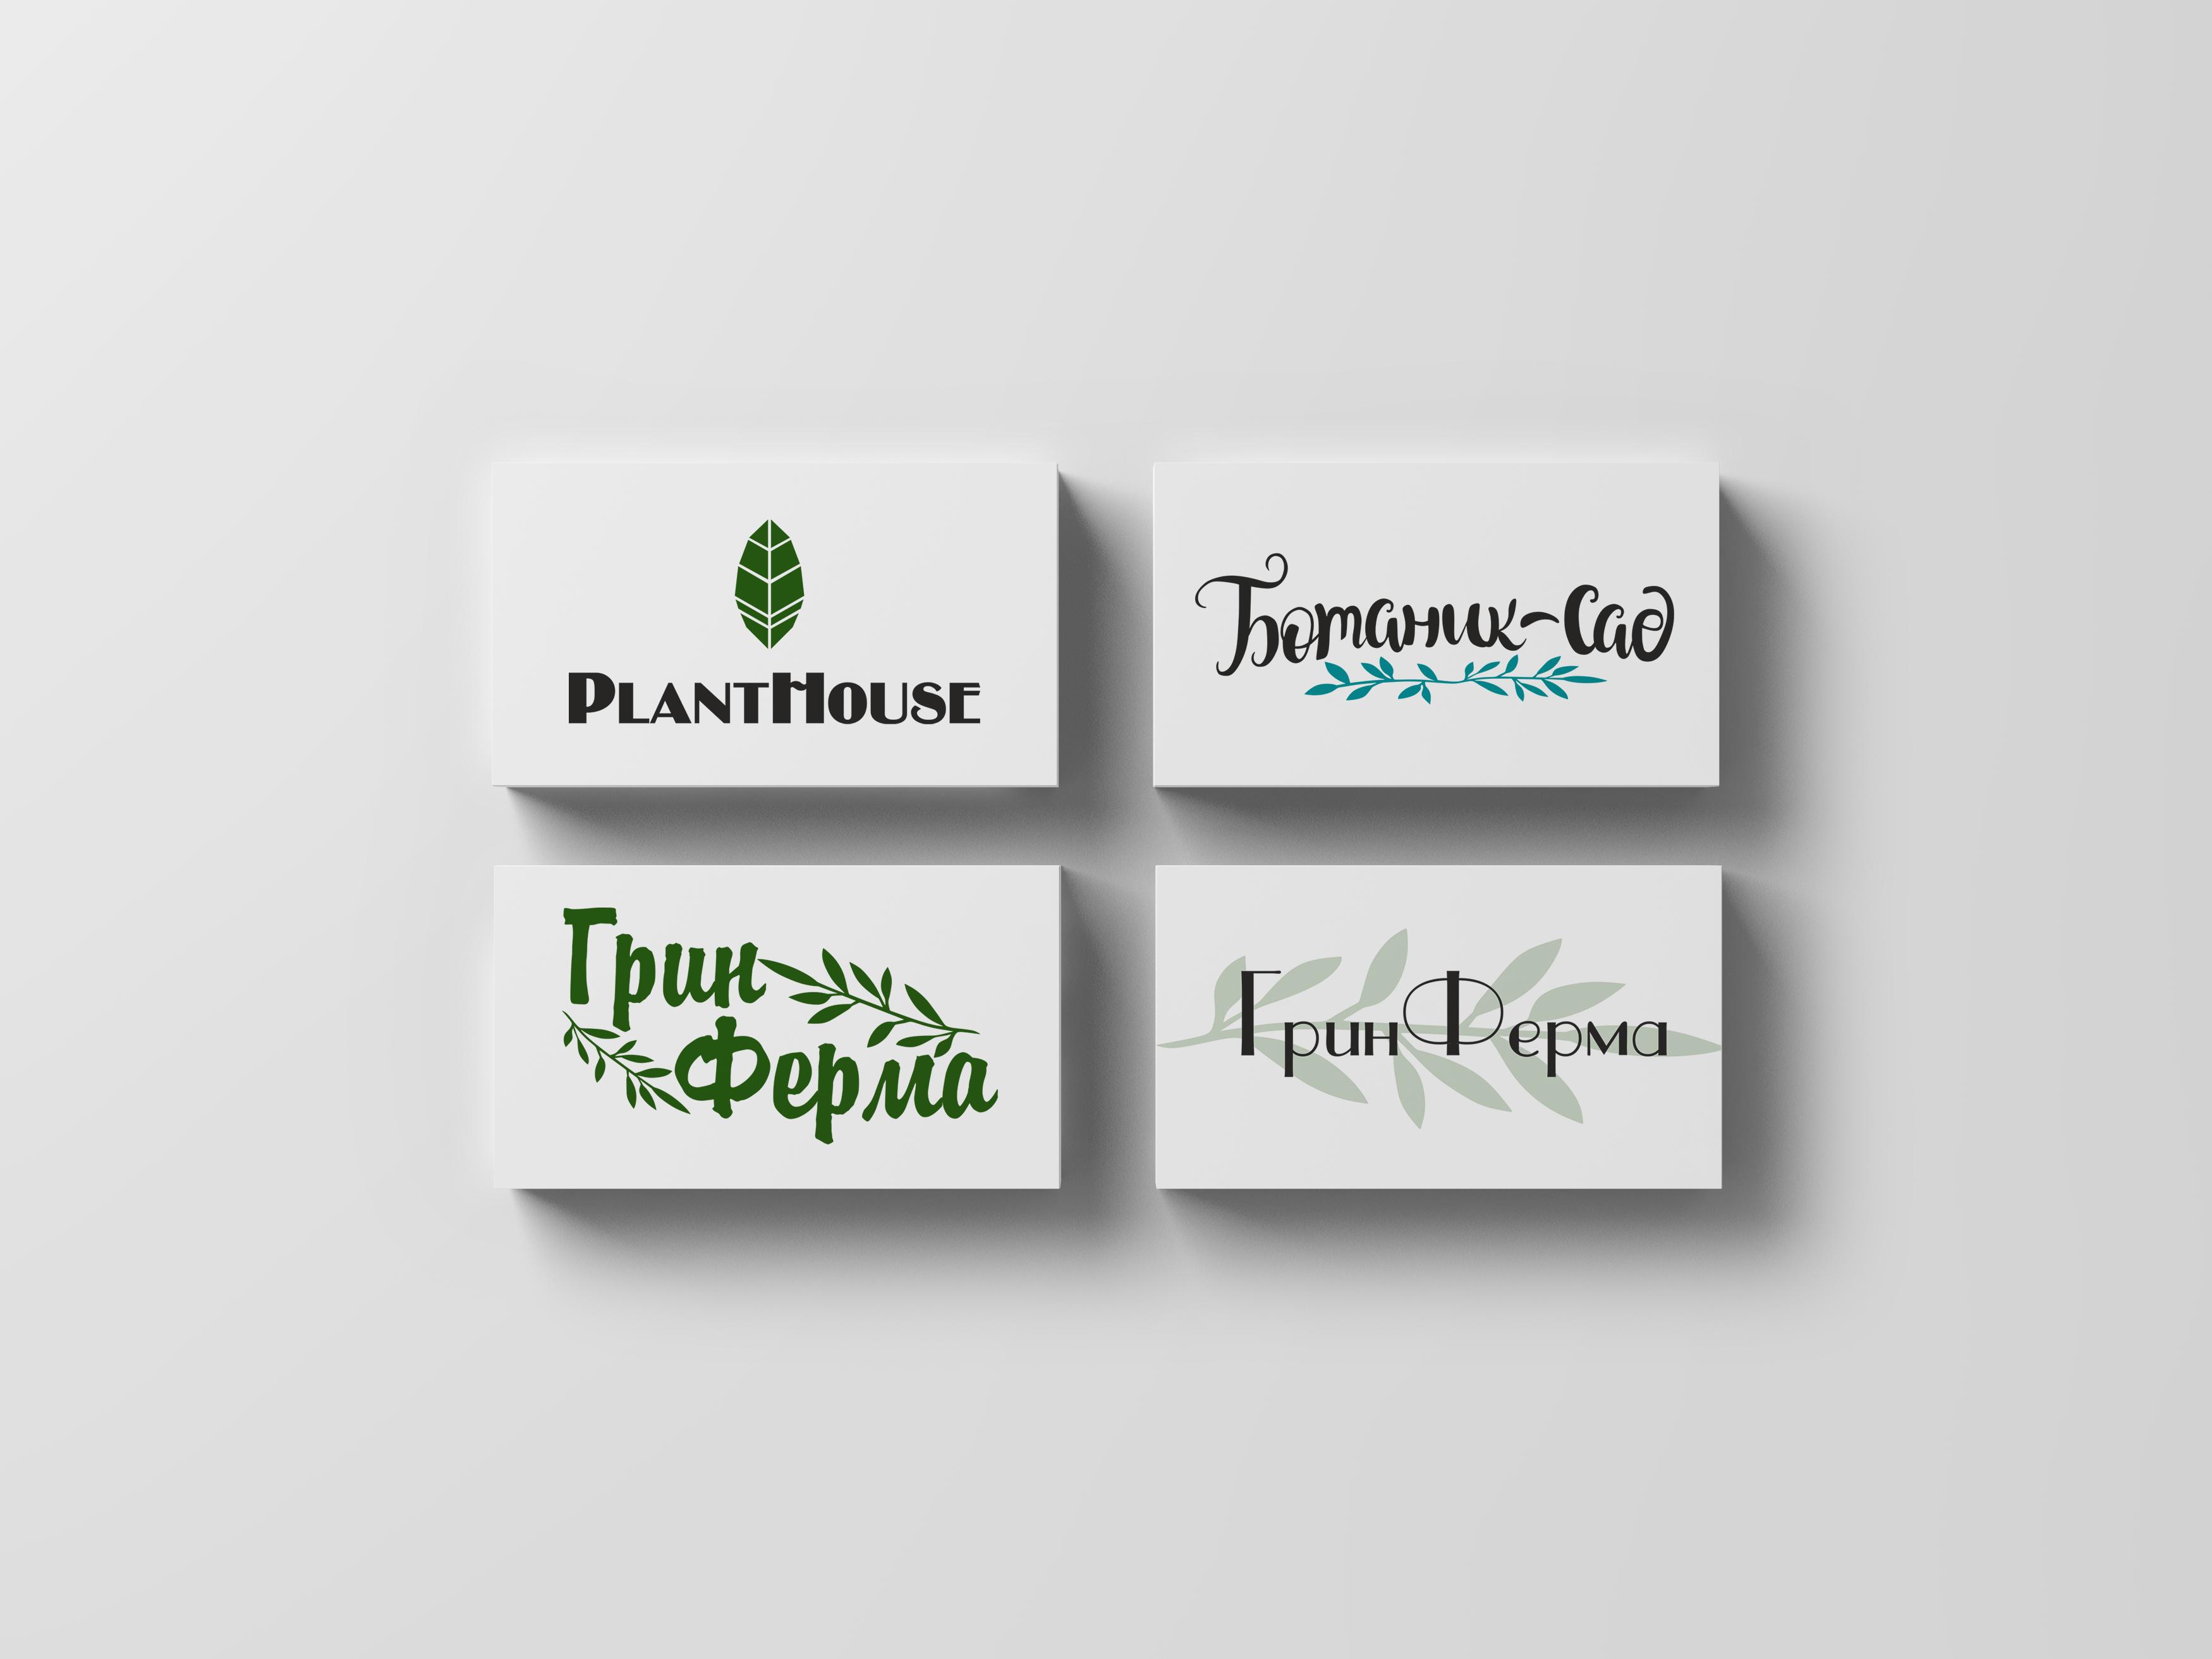 Разработка название садового центра, логотип и слоган фото f_2685a77729be3a22.jpg